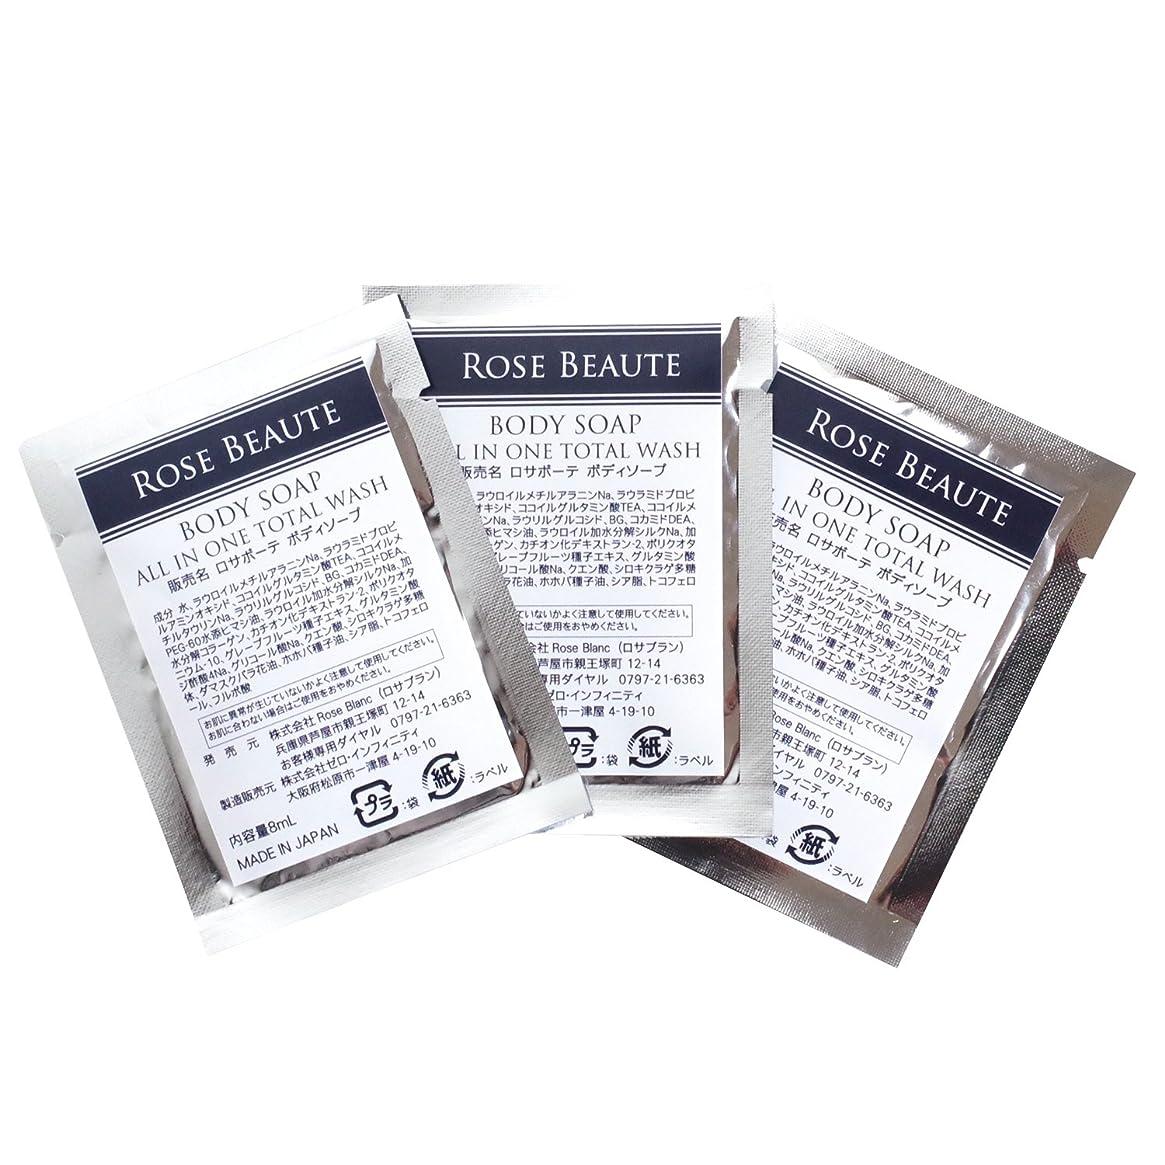 表示ブルジョン台無しにRose Beaute(ロサボーテ) 無添加 ノンシリコン ボディーソープ (髪?顔?からだ用) 使い切り お試し 8ml×3パック 全身シャンプー 日本製